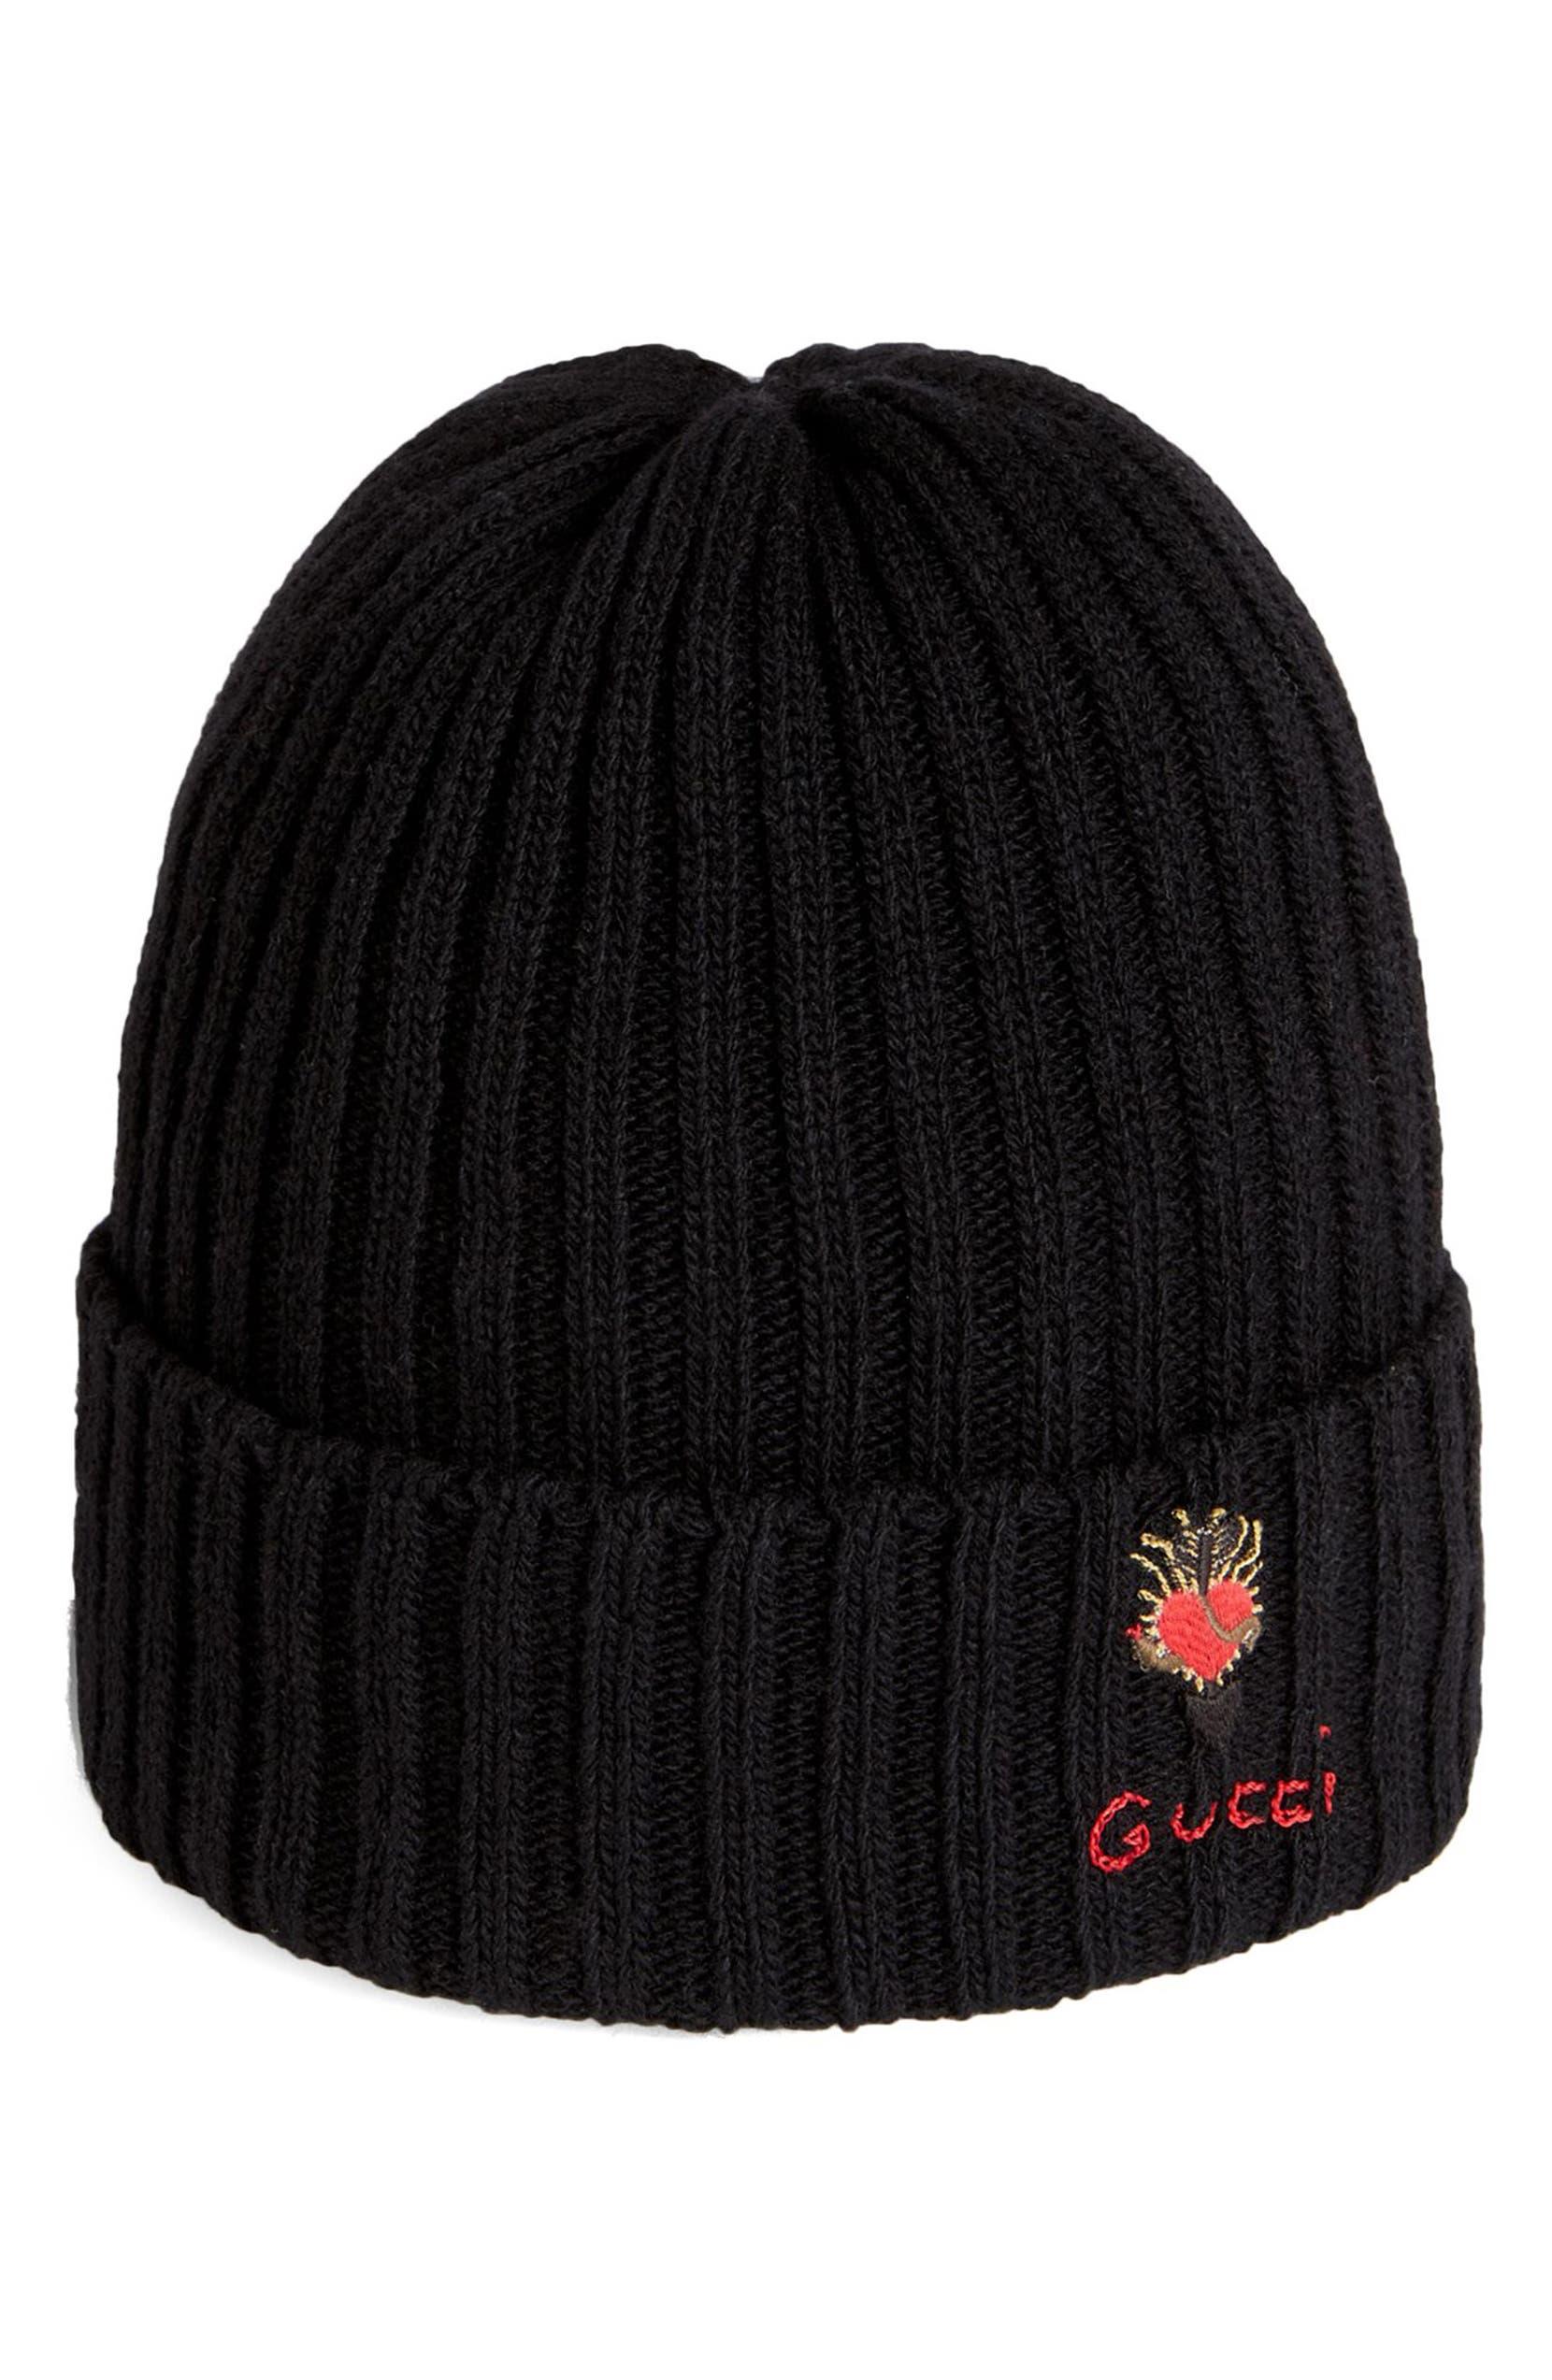 Gucci Heart Dagger Wool Beanie  8b4d2188199